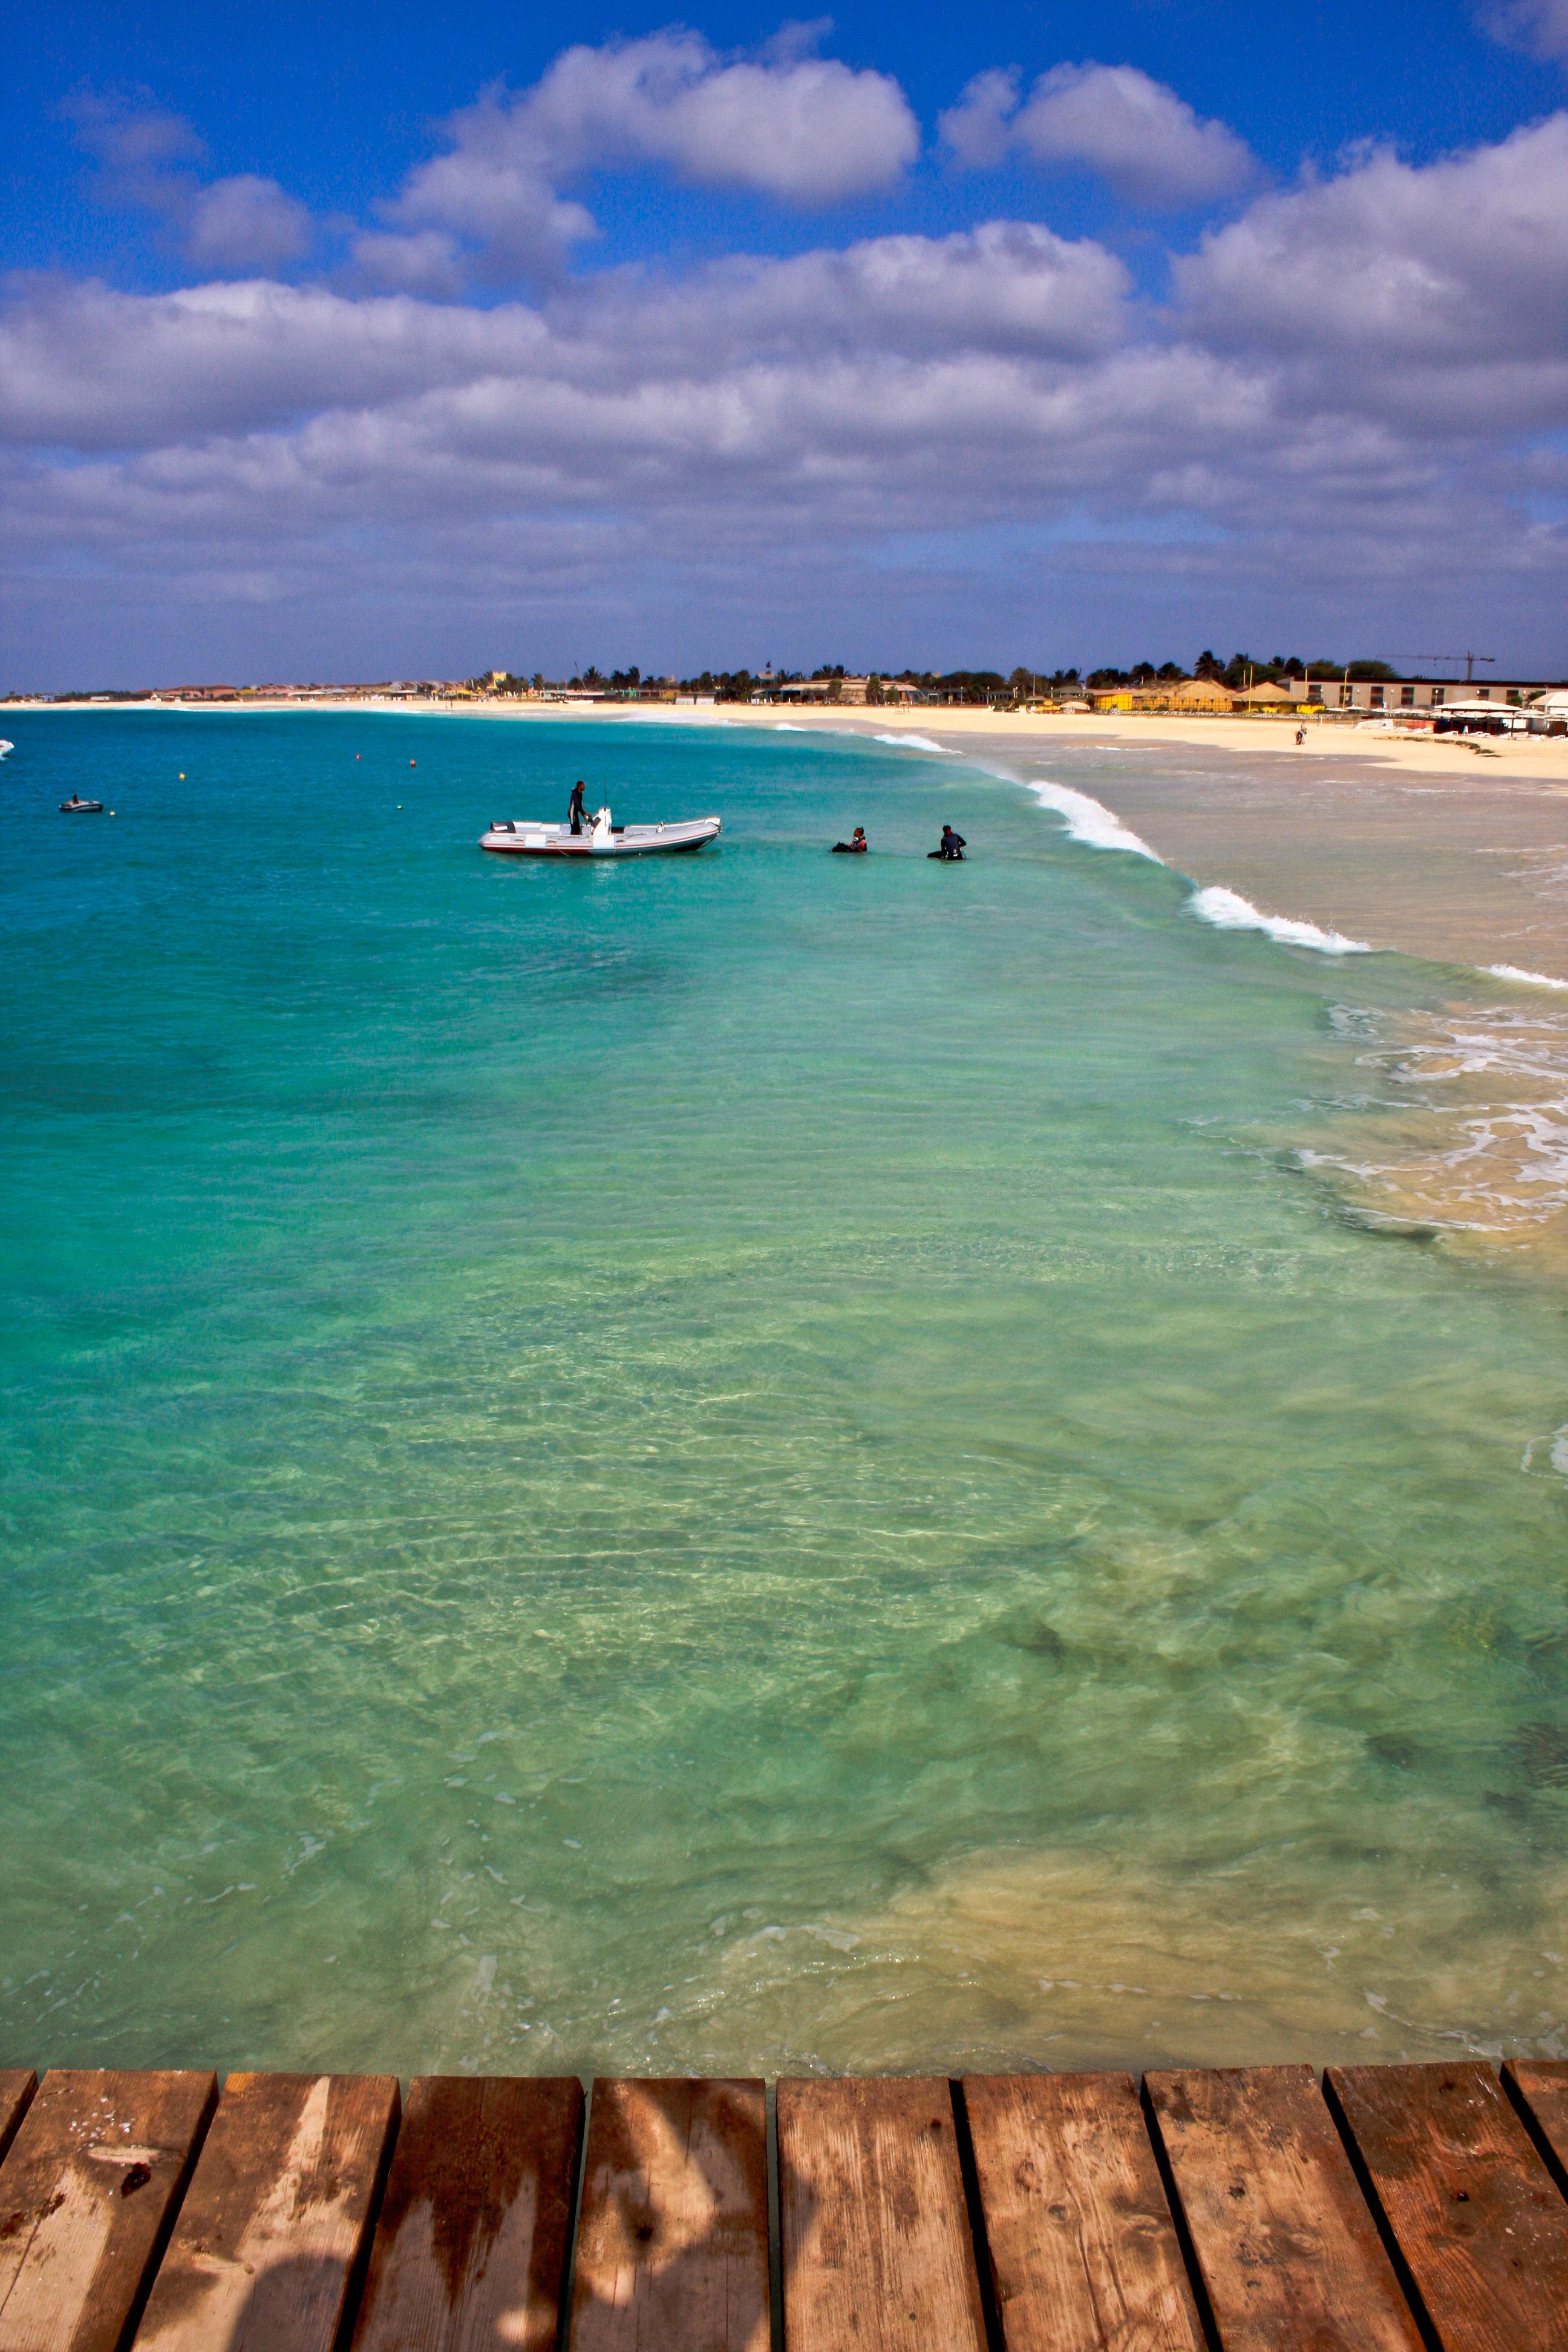 Capo Verde, Isola di Sal